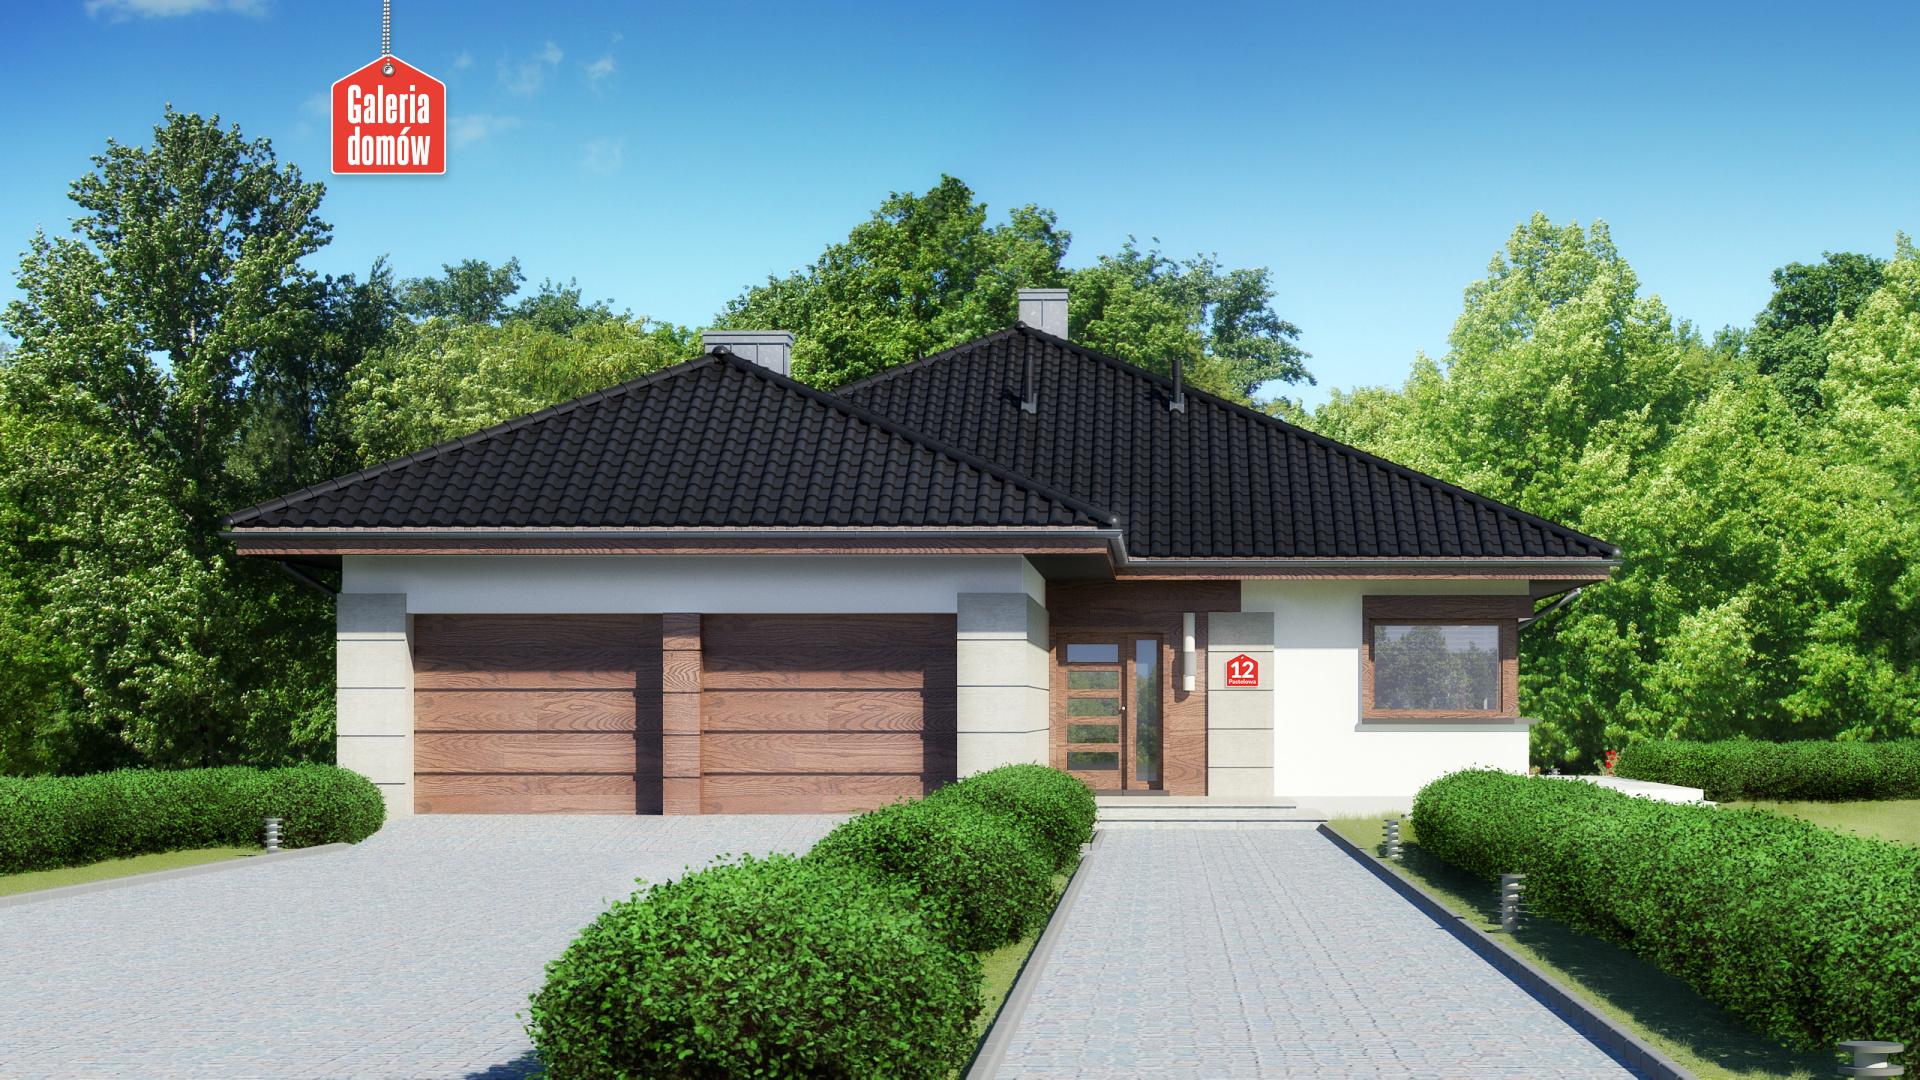 Dom przy Pastelowej 12 - zdjęcie projektu i wizualizacja